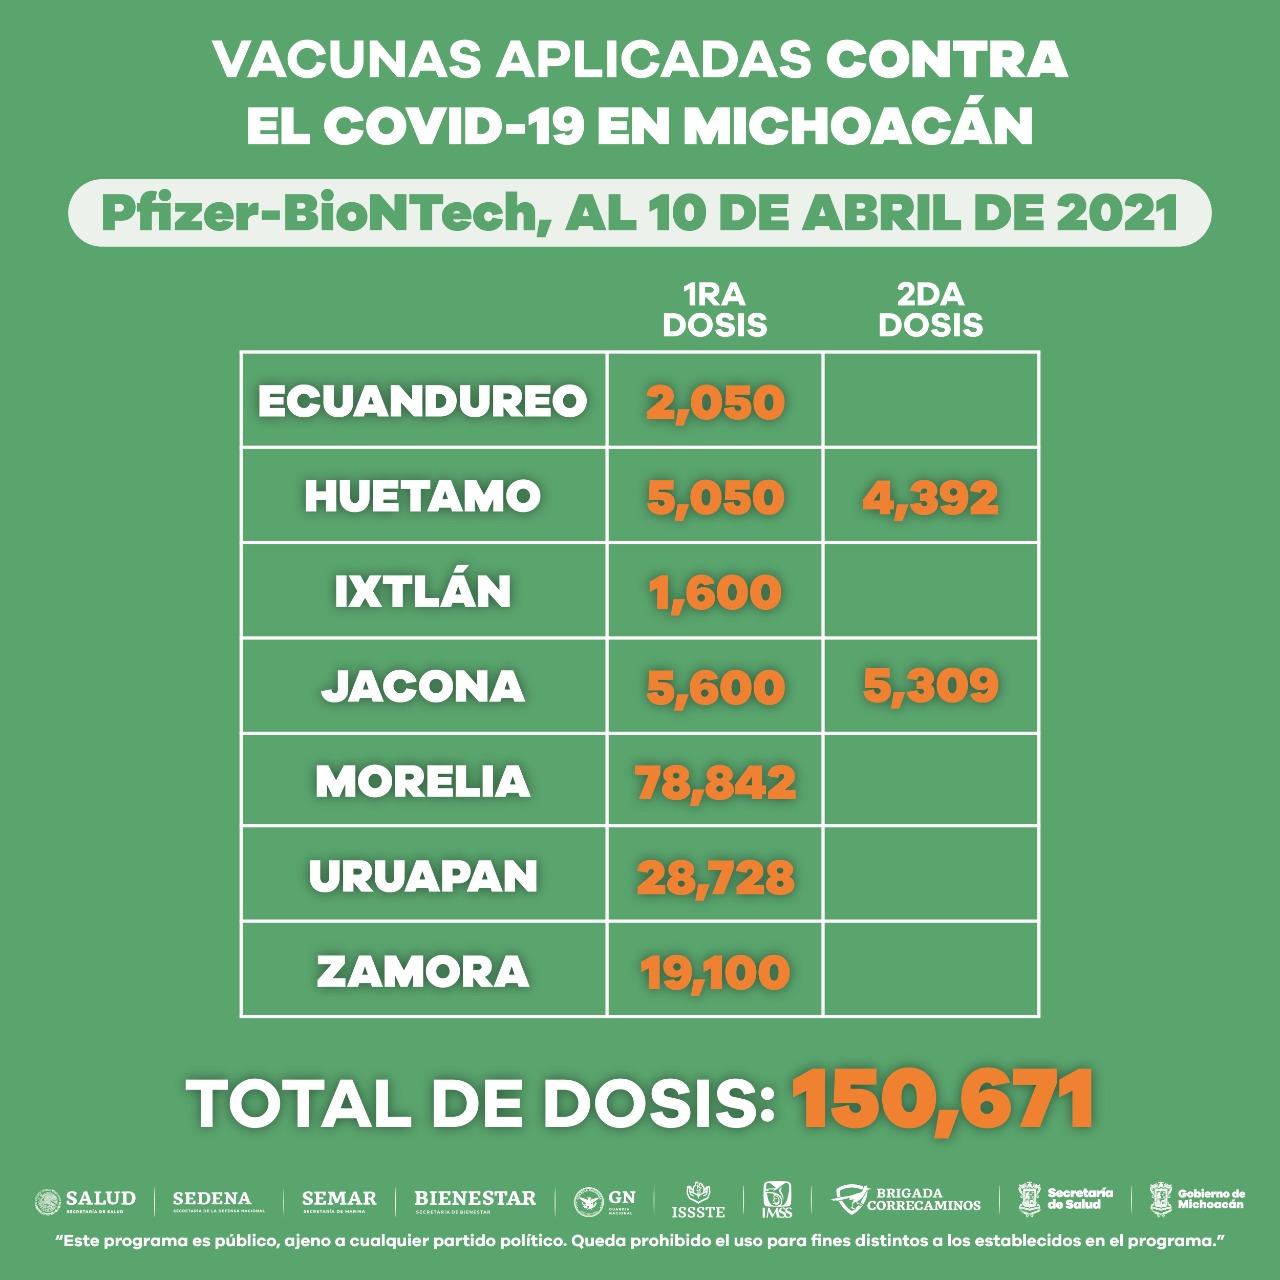 Aplicadas, 364 mil 605 vacunas contra COVID-19 a adultos mayores de 60 años